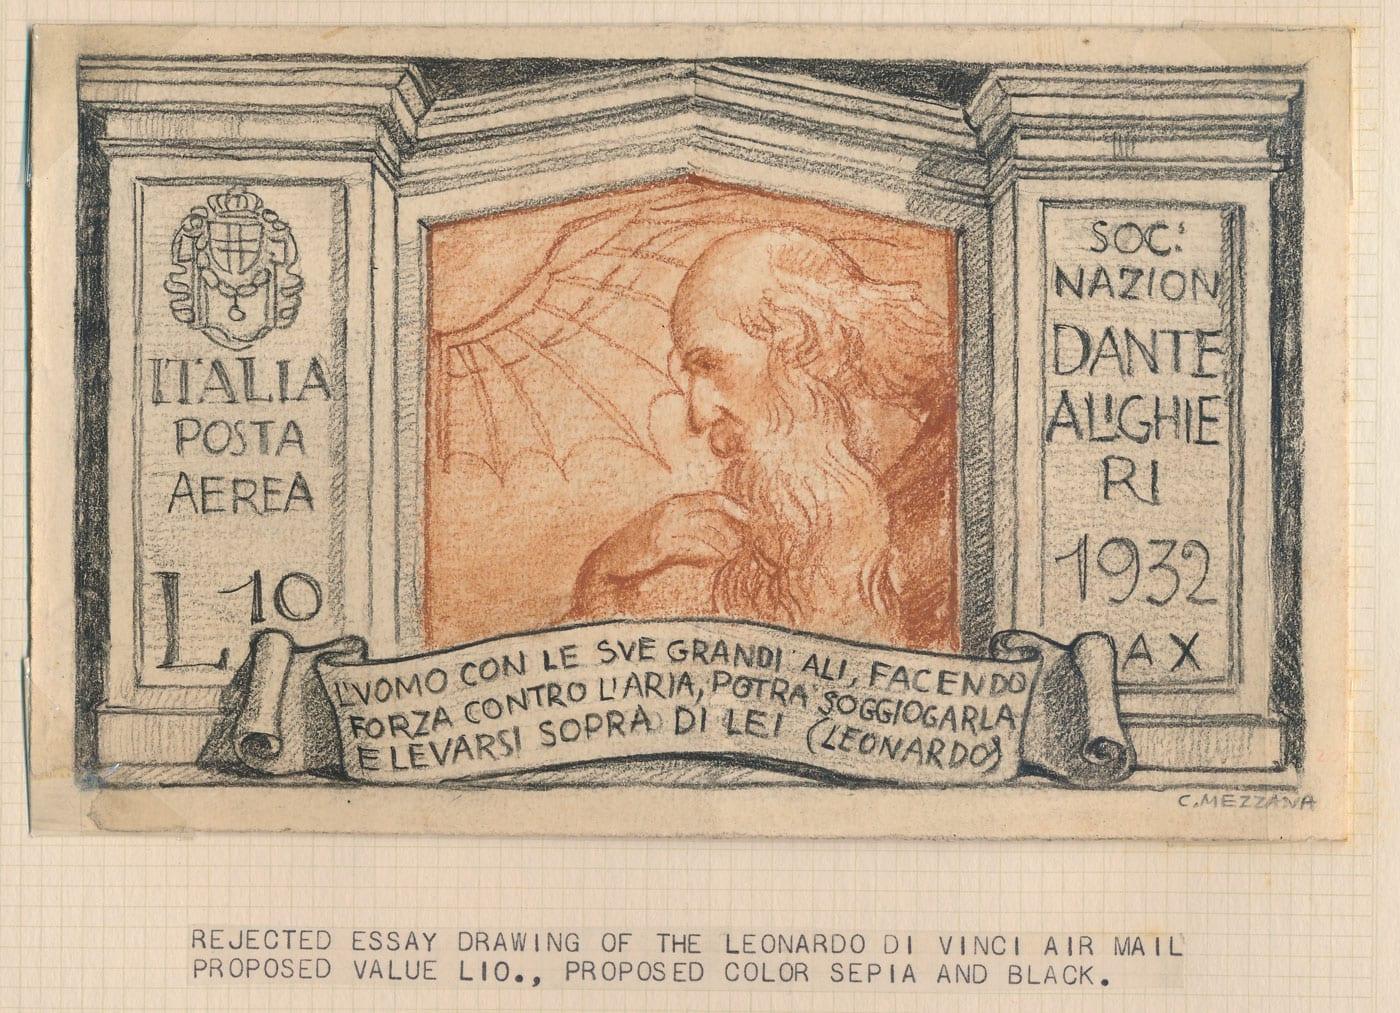 Il classicismo filatelico di Corrado Mezzana